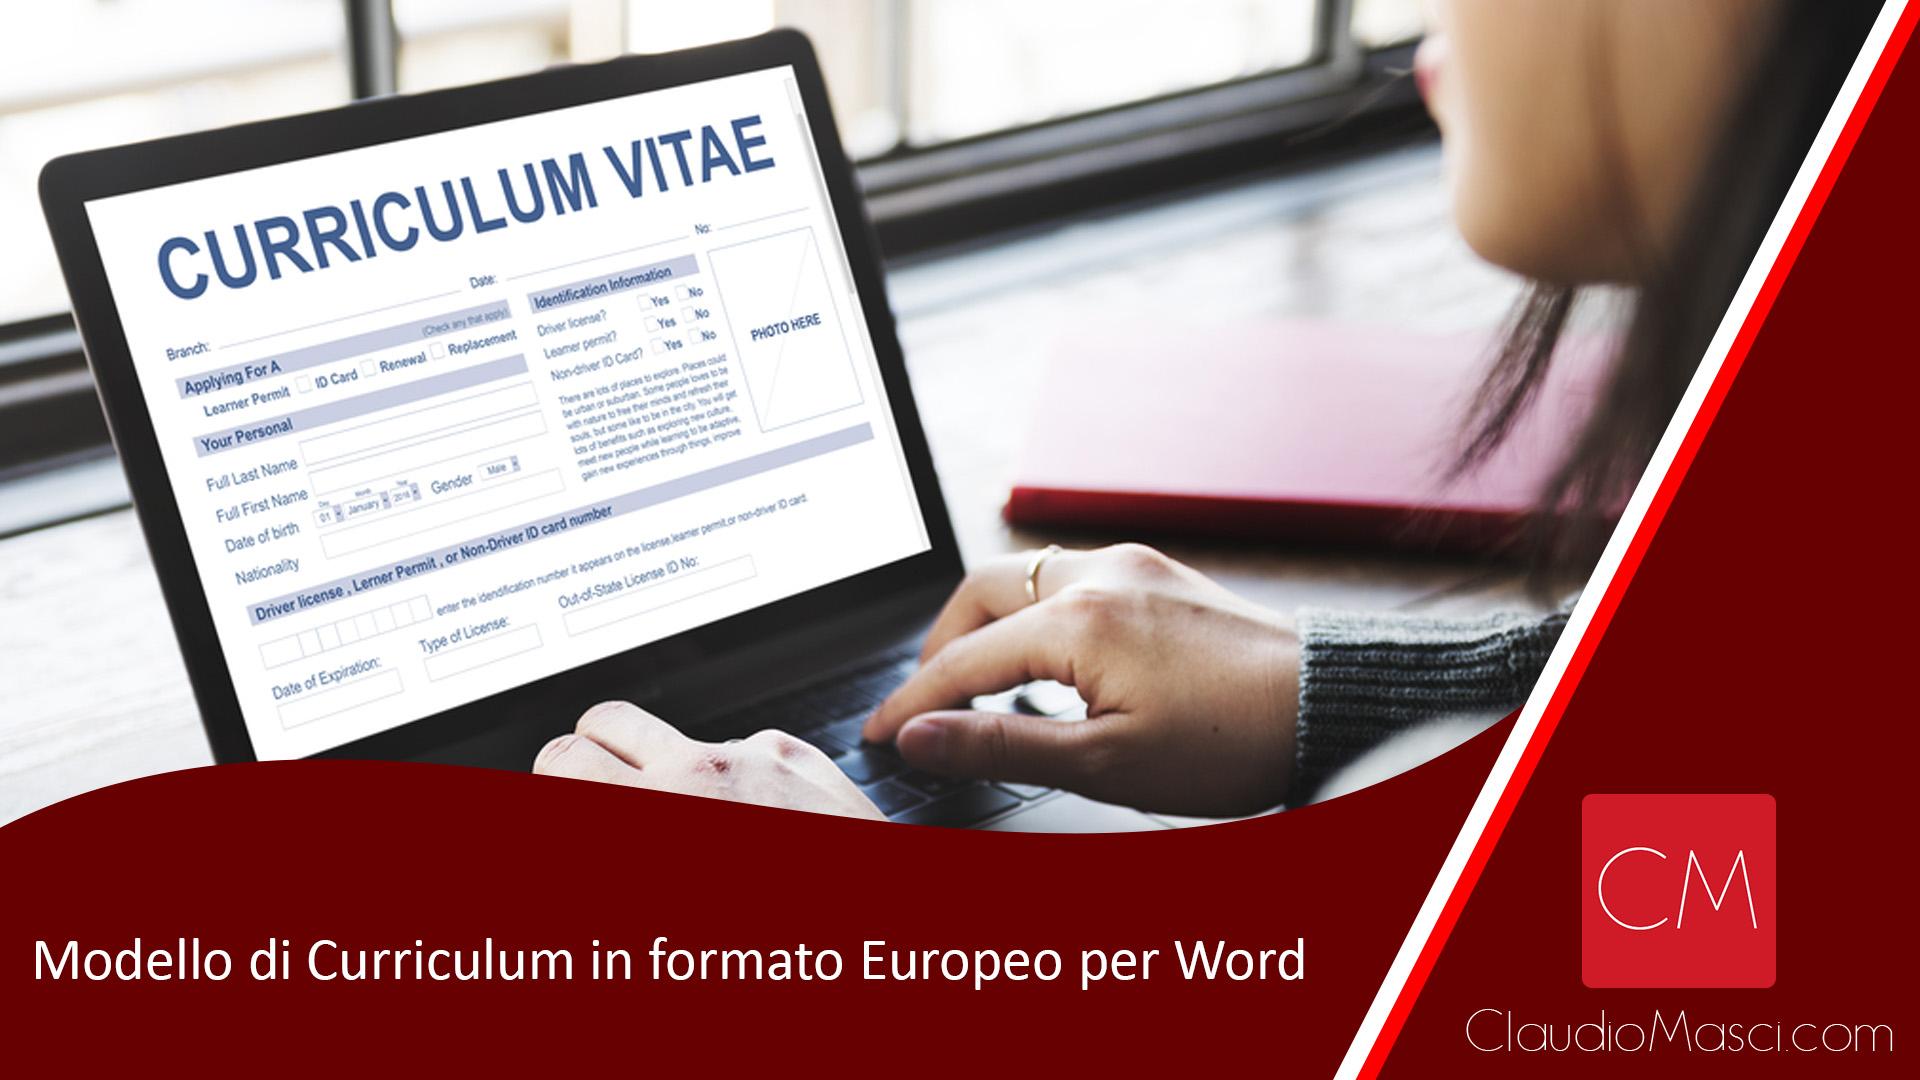 Modello di Curriculum in formato Europeo per Word